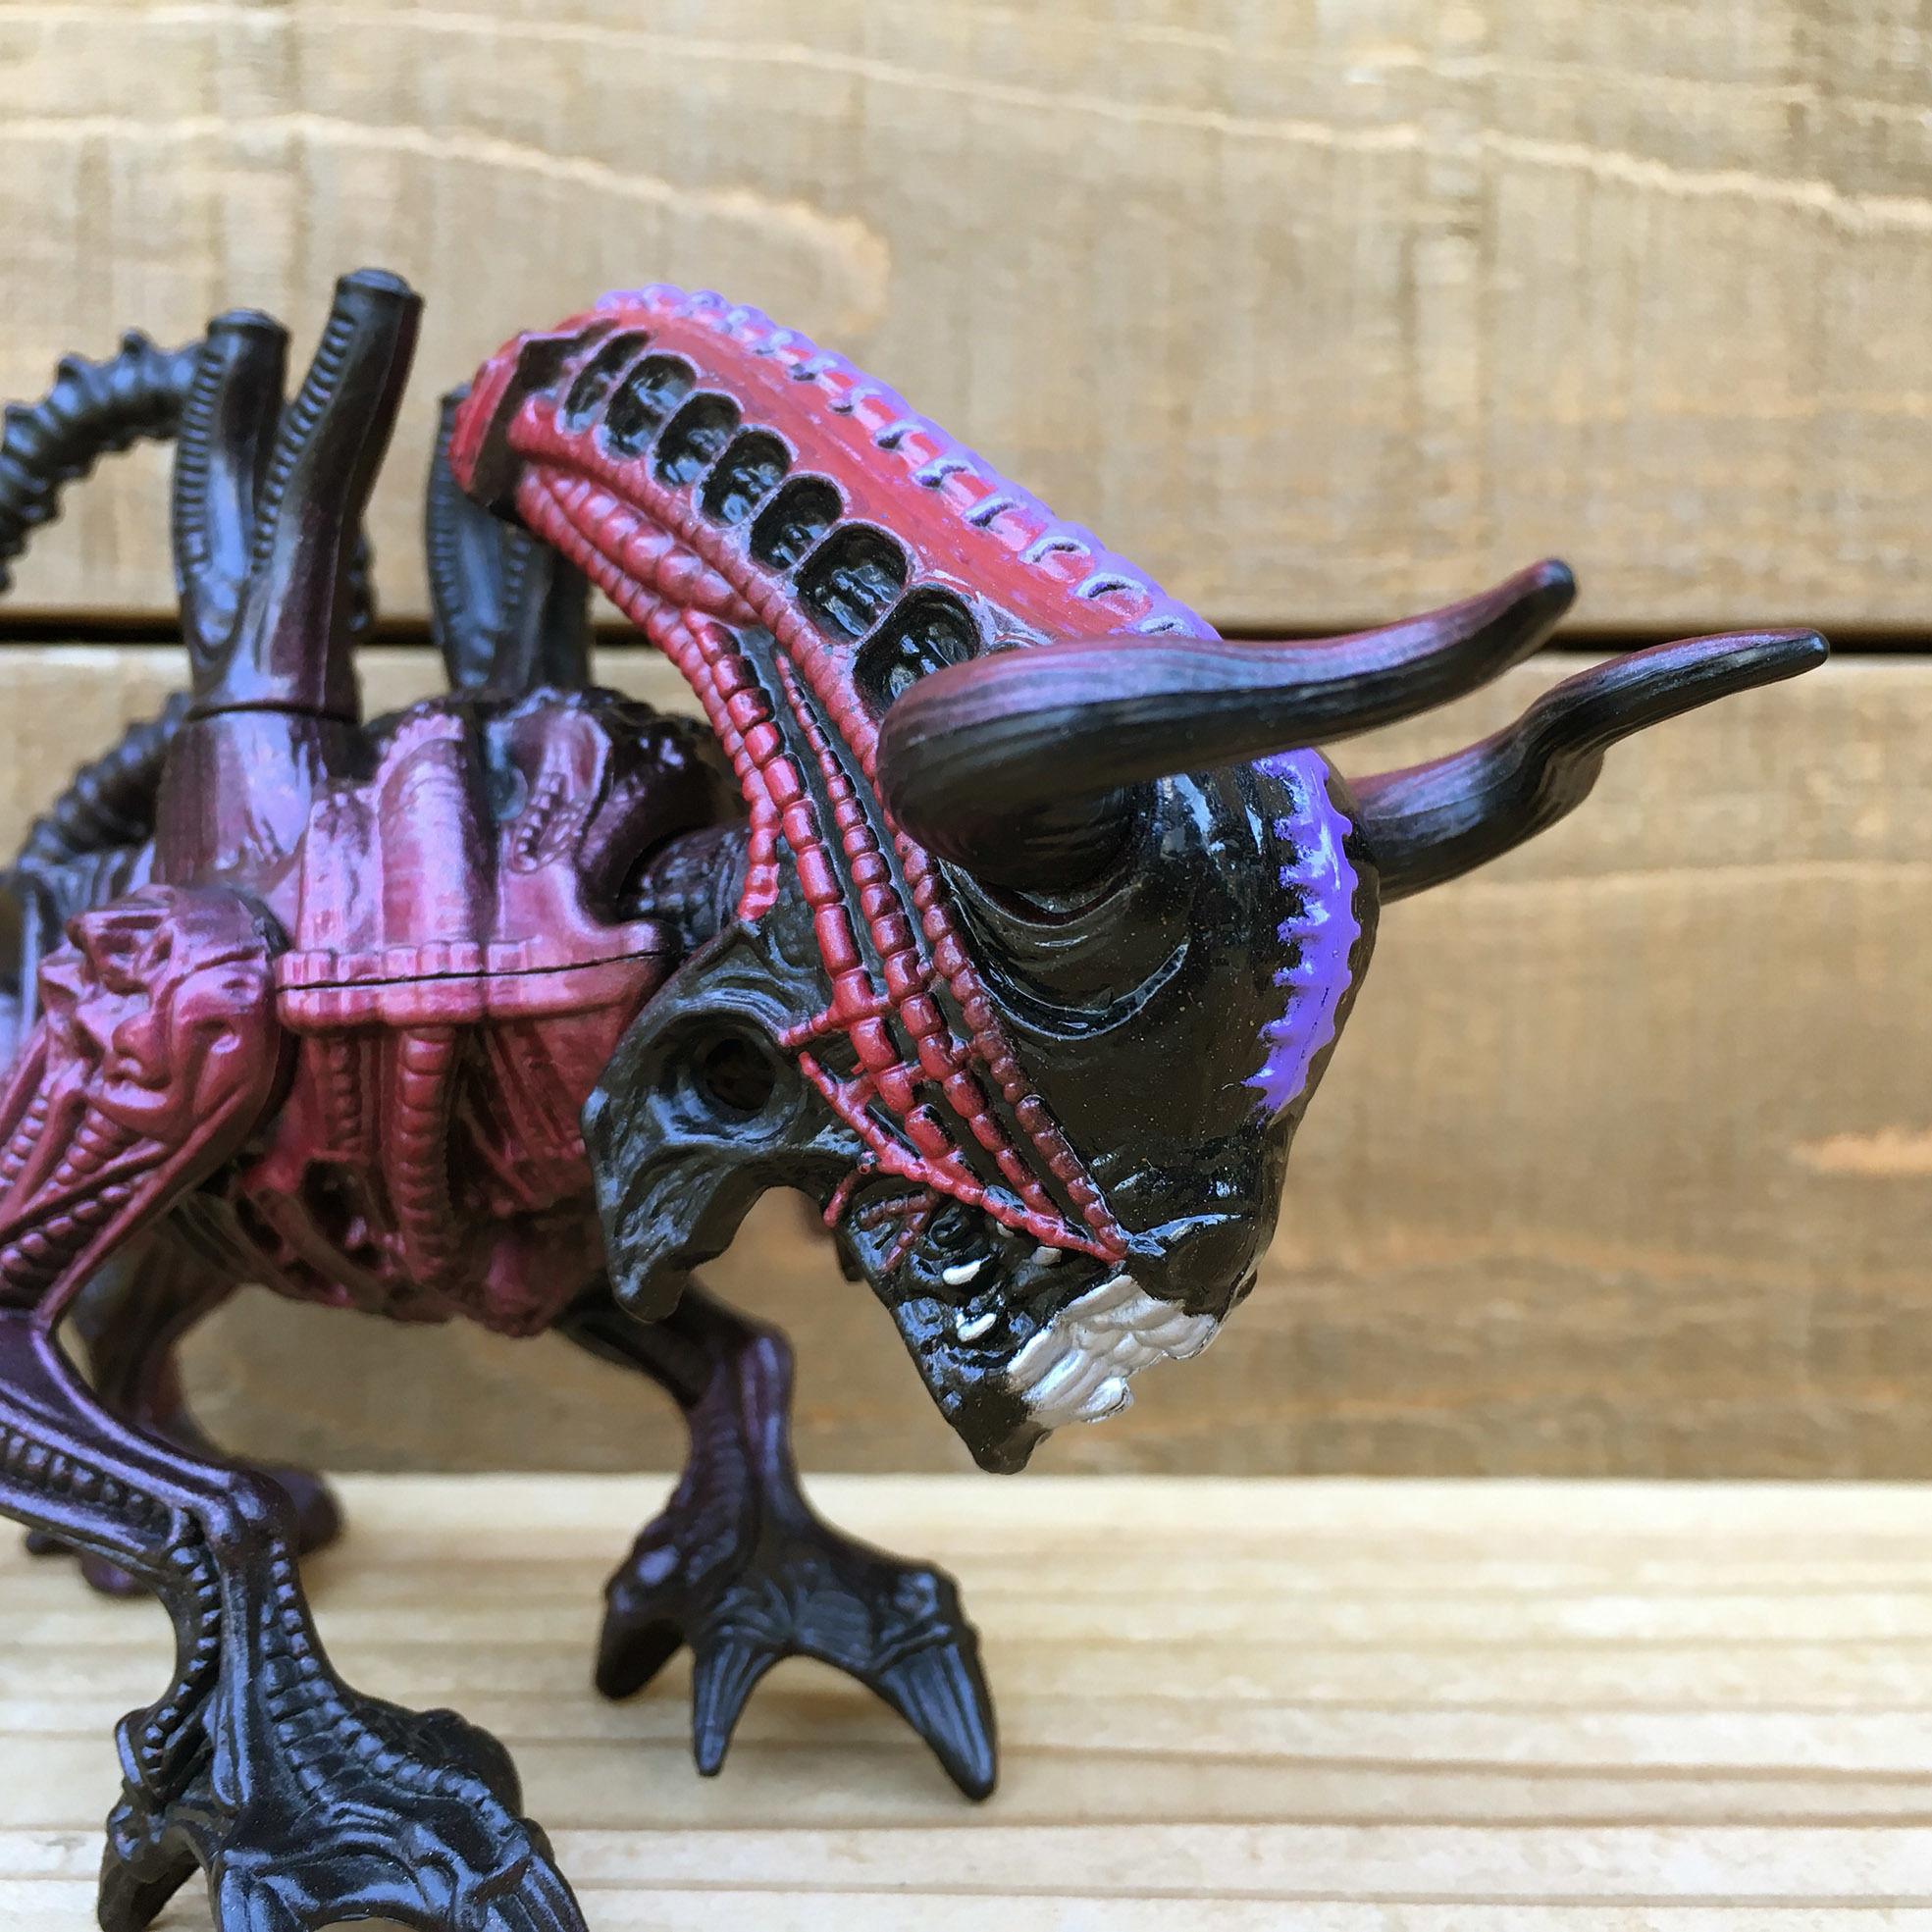 ALIENS Bull Alien Figure/エイリアン ブル・エイリアン フィギュア/171012-10